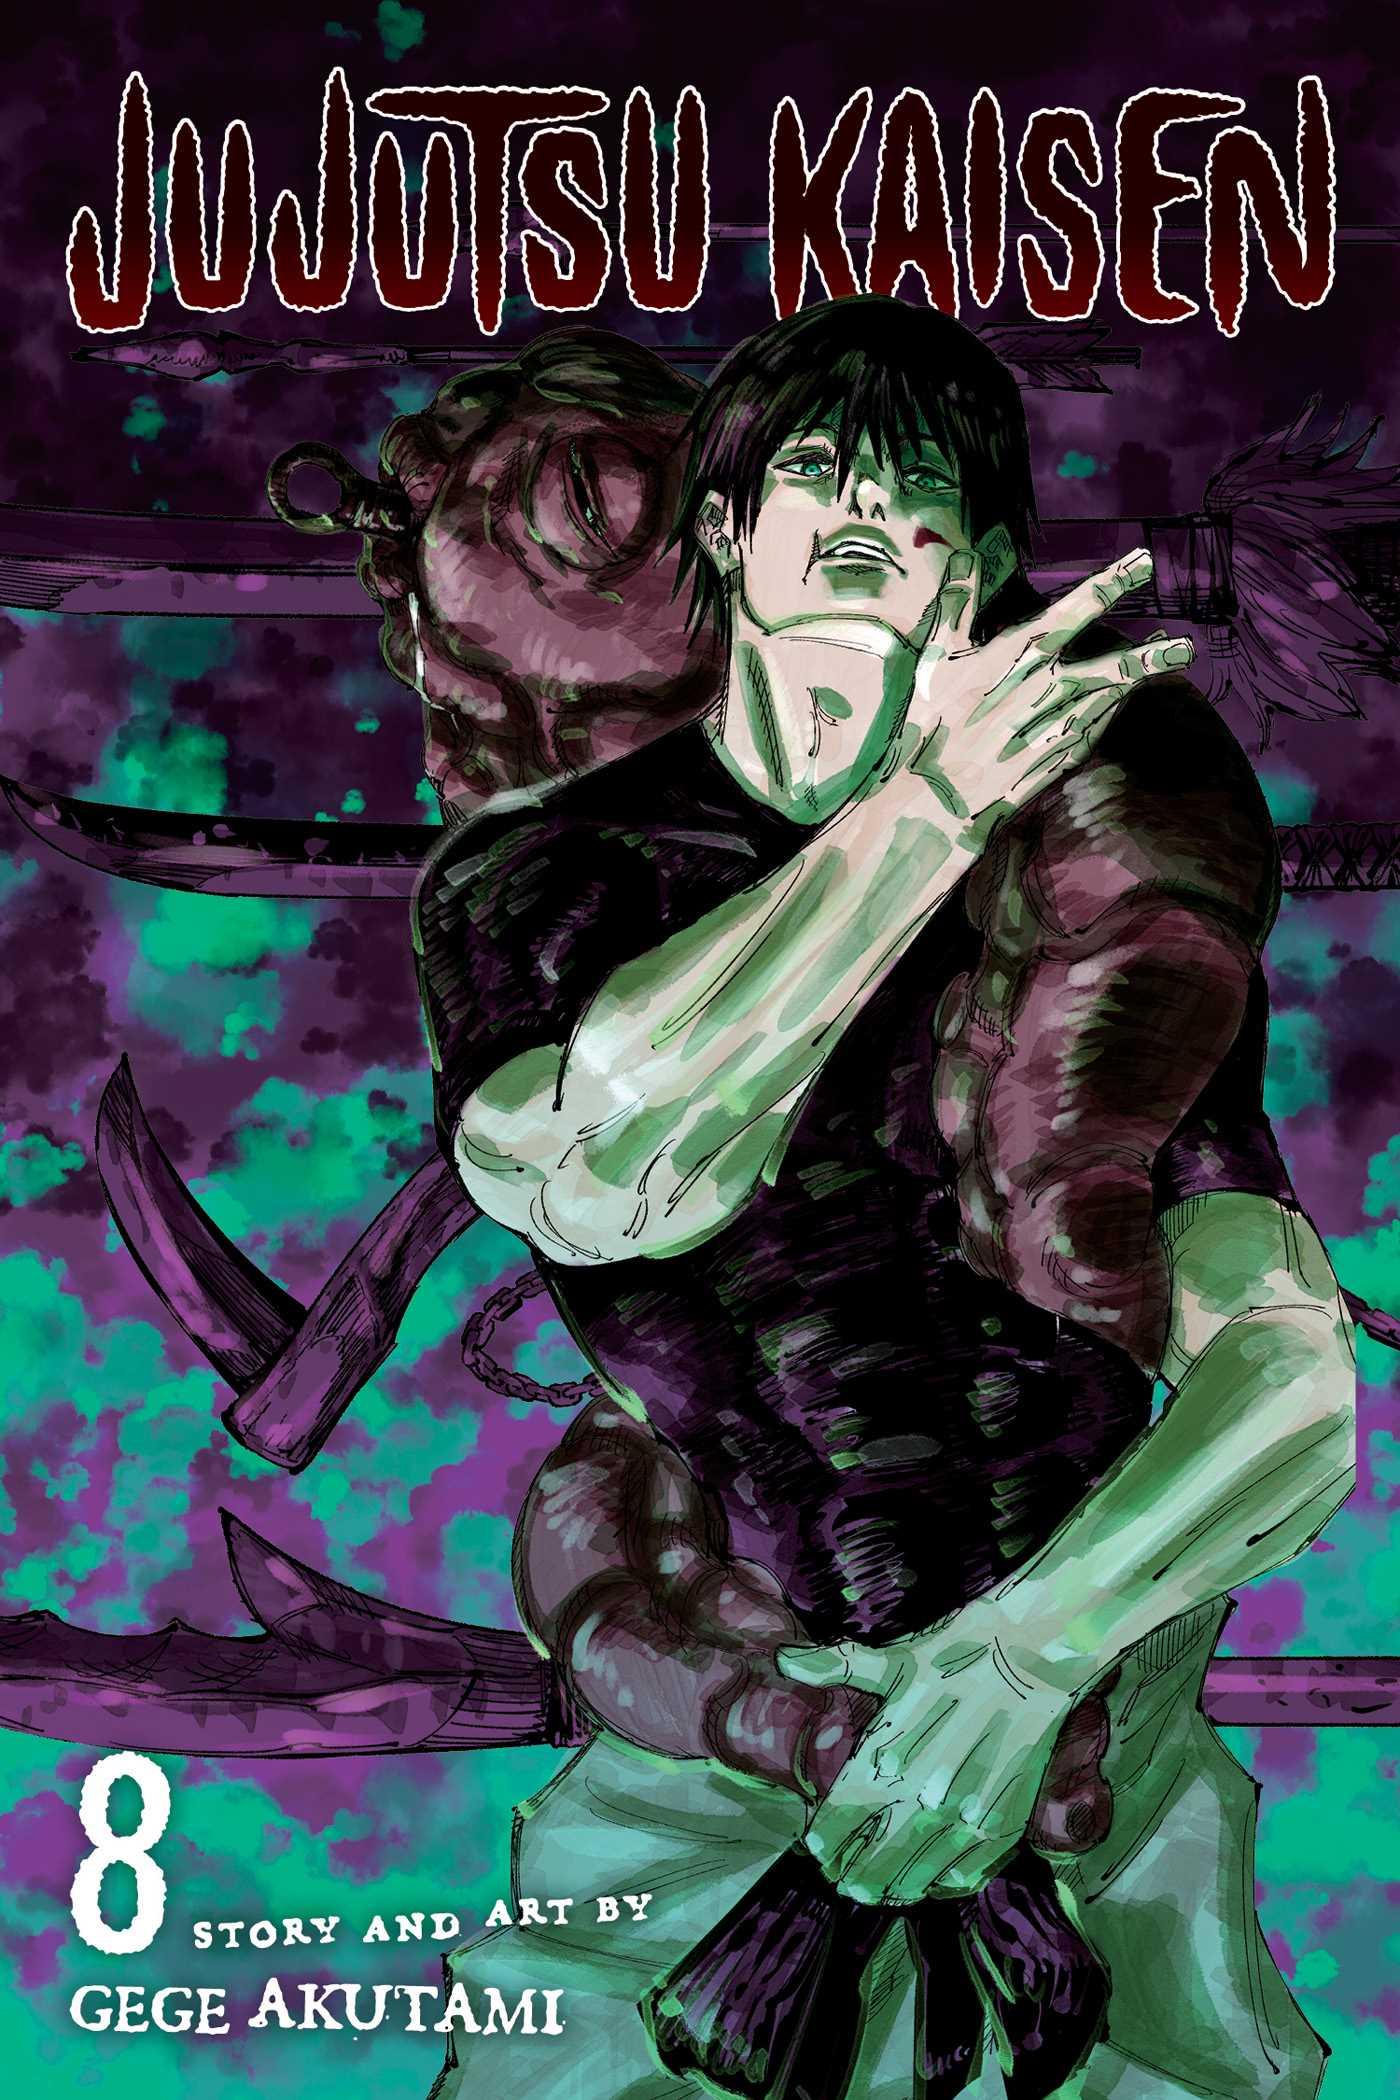 Jujutsu Kaisen, Vol. 8